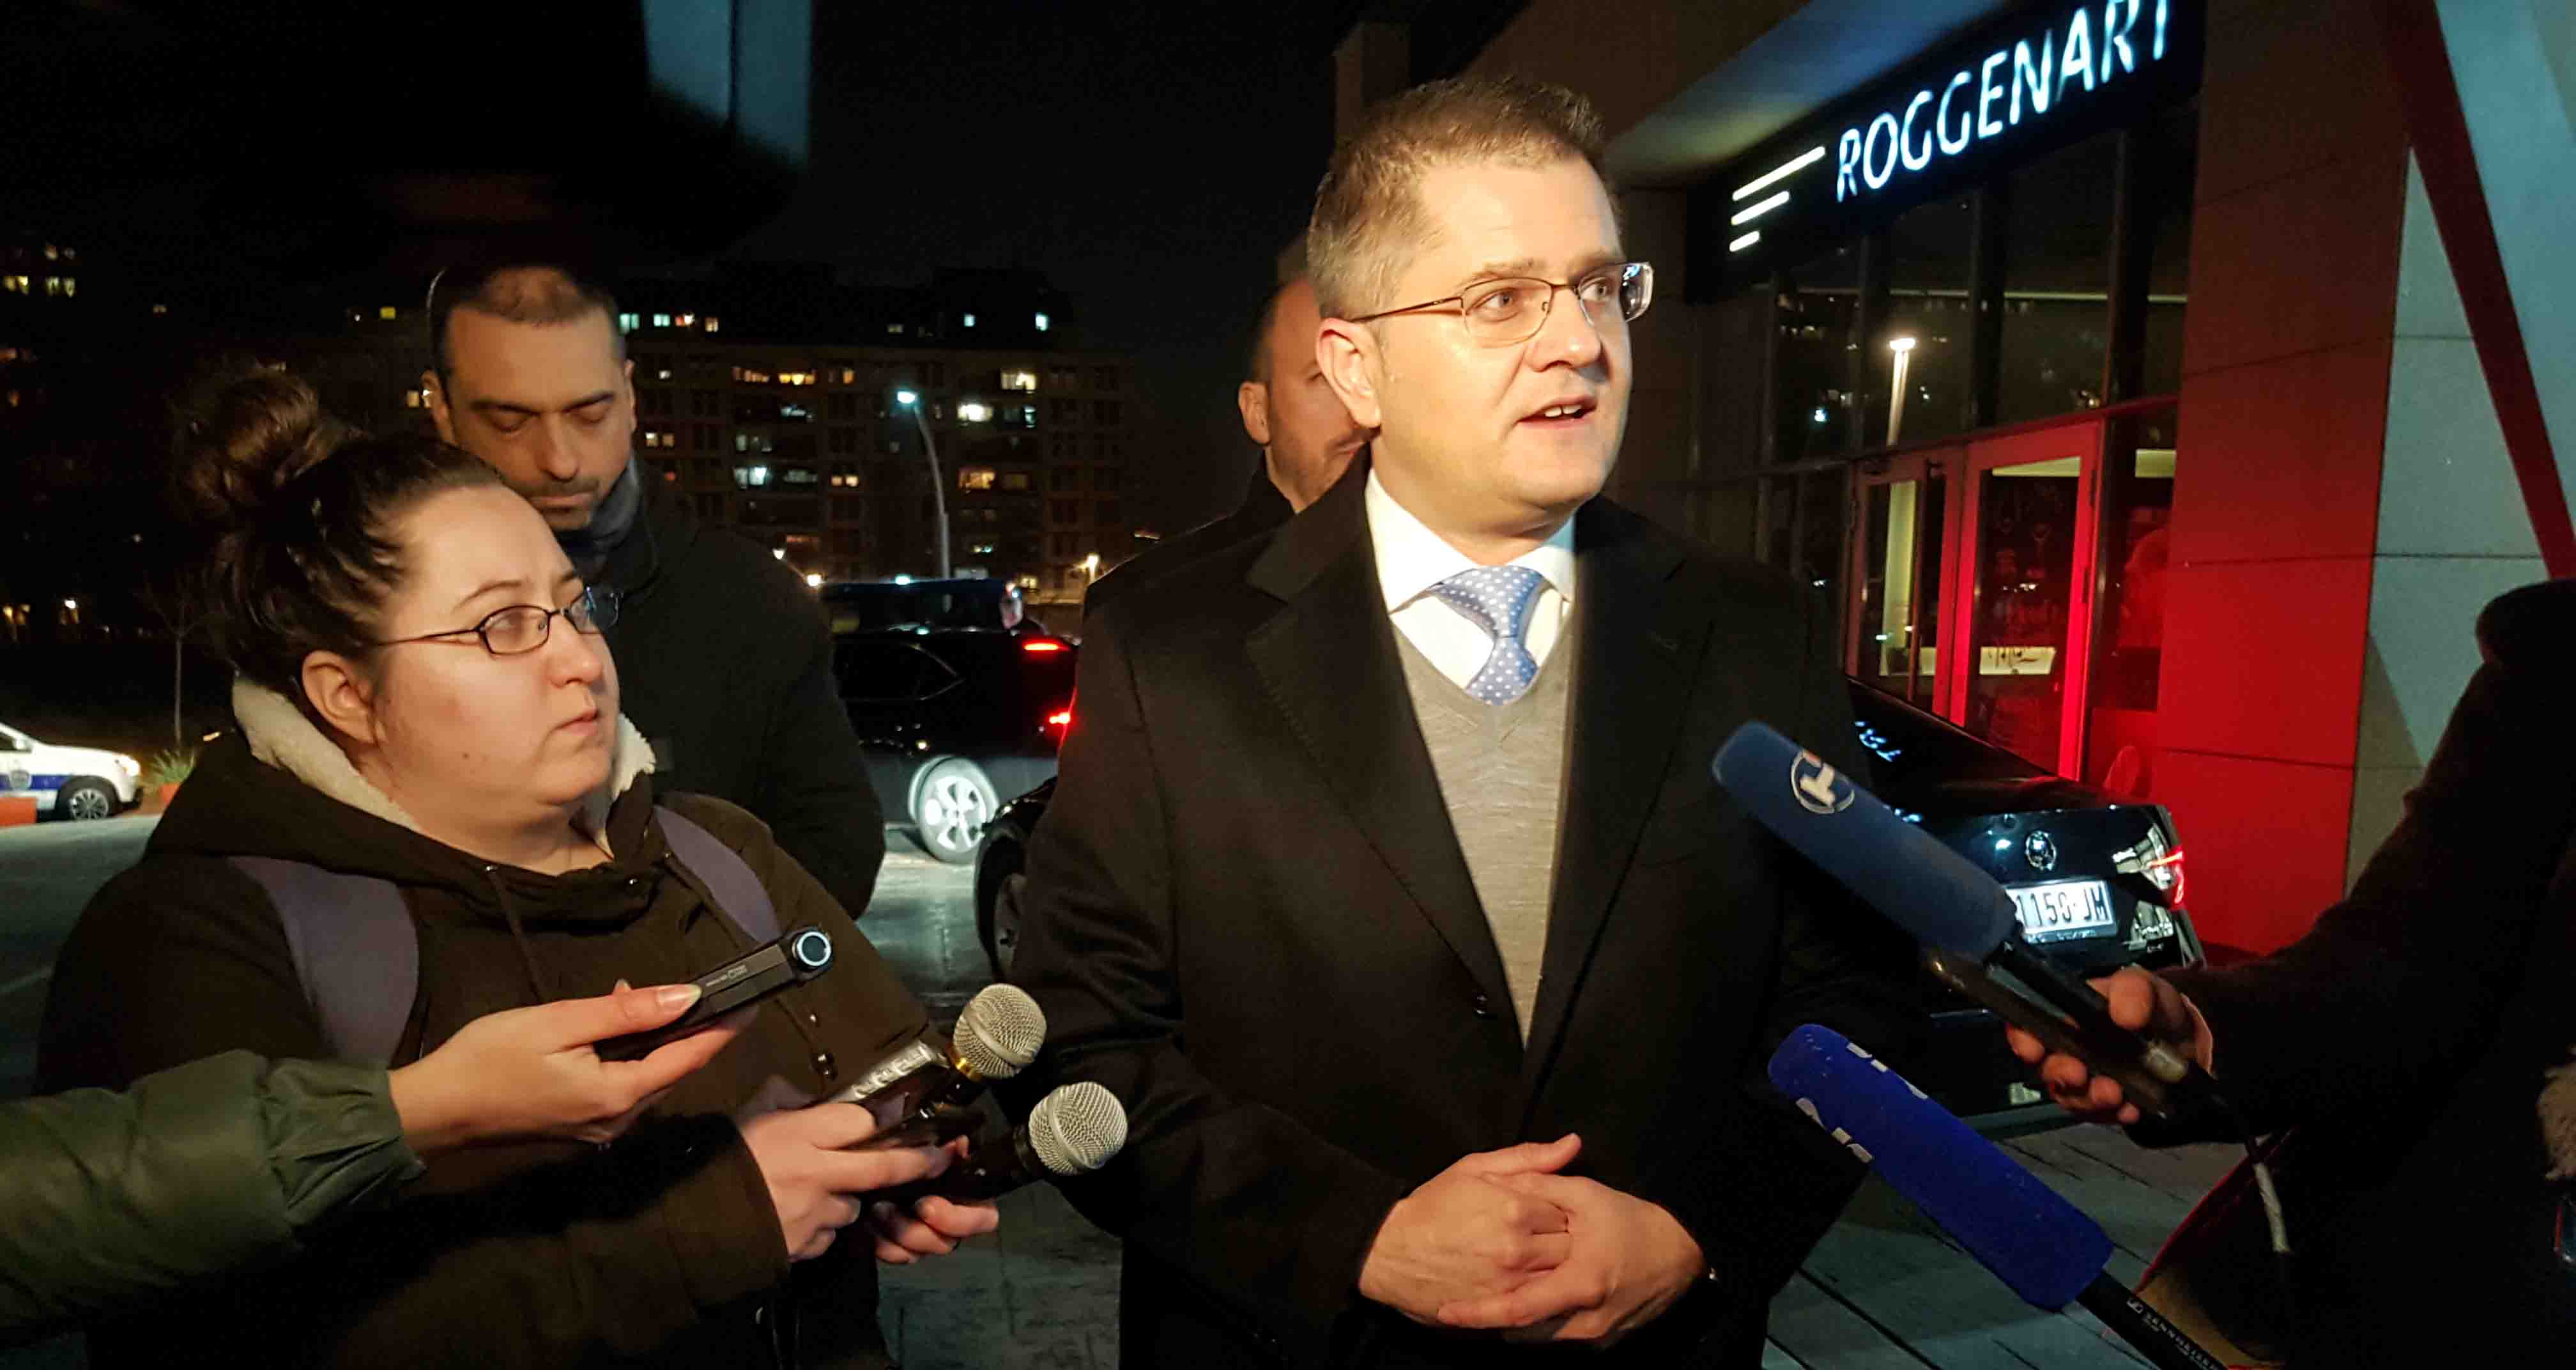 Јеремић Вархејиу: Став СЗС непромењен – бојкотоваћемо изборе